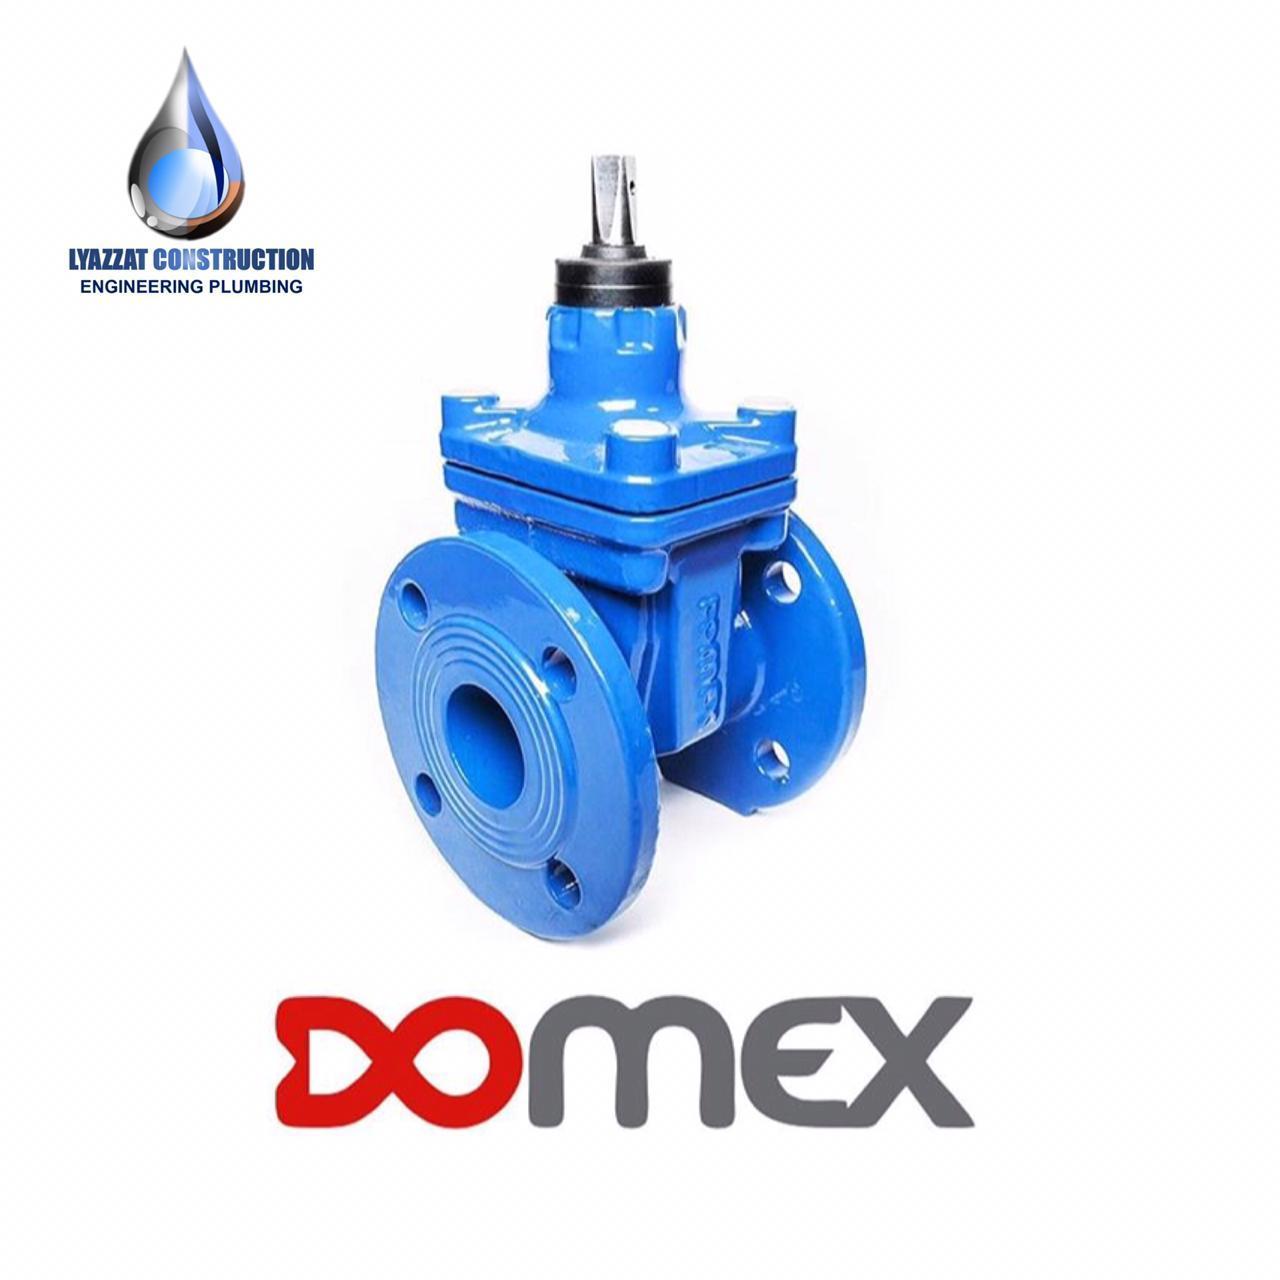 Задвижка DOMEX фланцевая F4 (короткая) DN 250